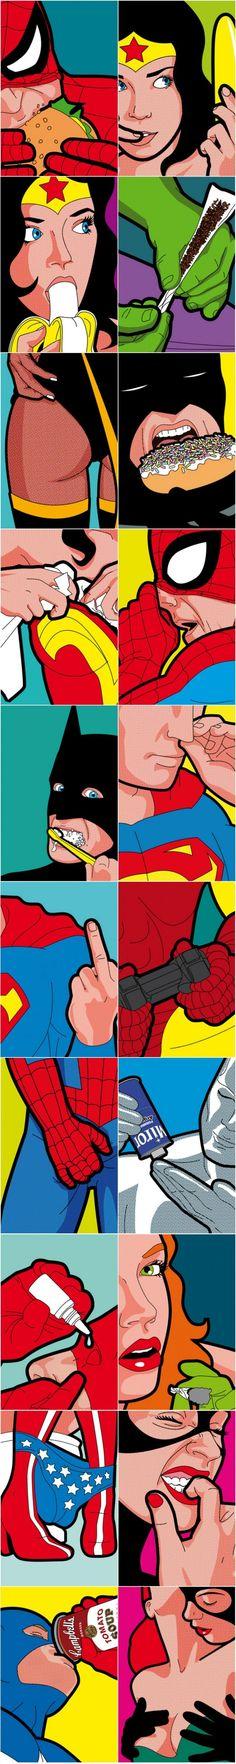 Superhero secrets